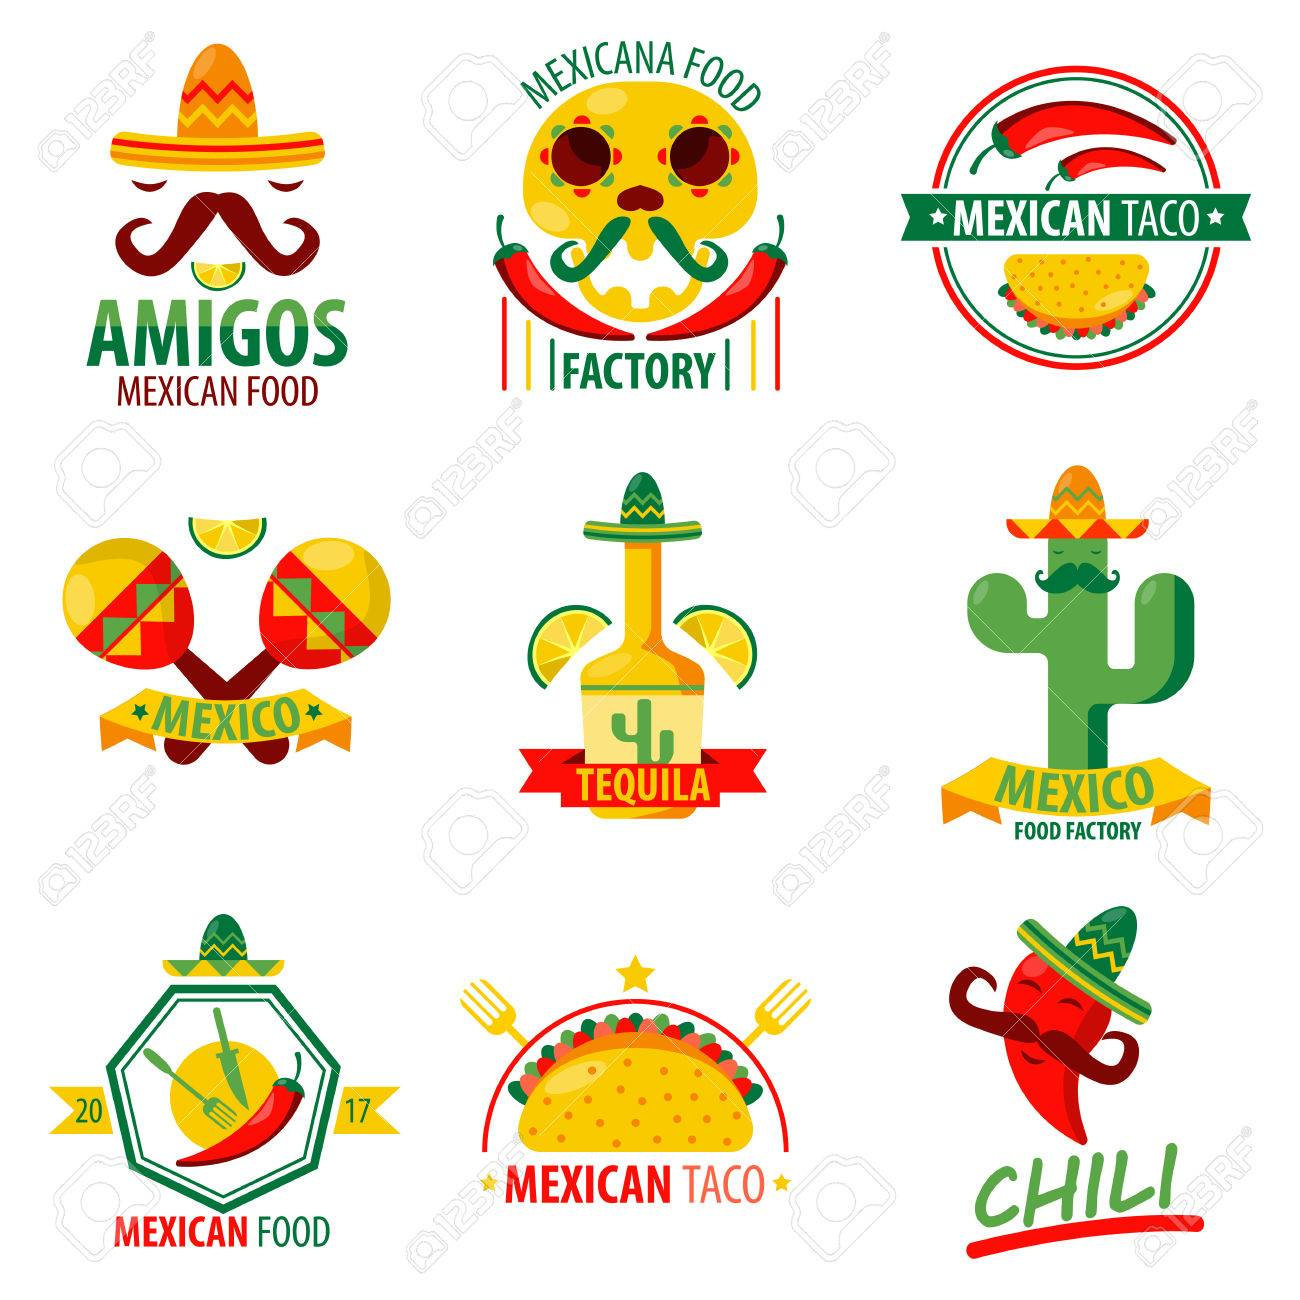 Mexikanisches Essen Und Getränke Logo Embleme Vektor Poster Auf Weiß ...